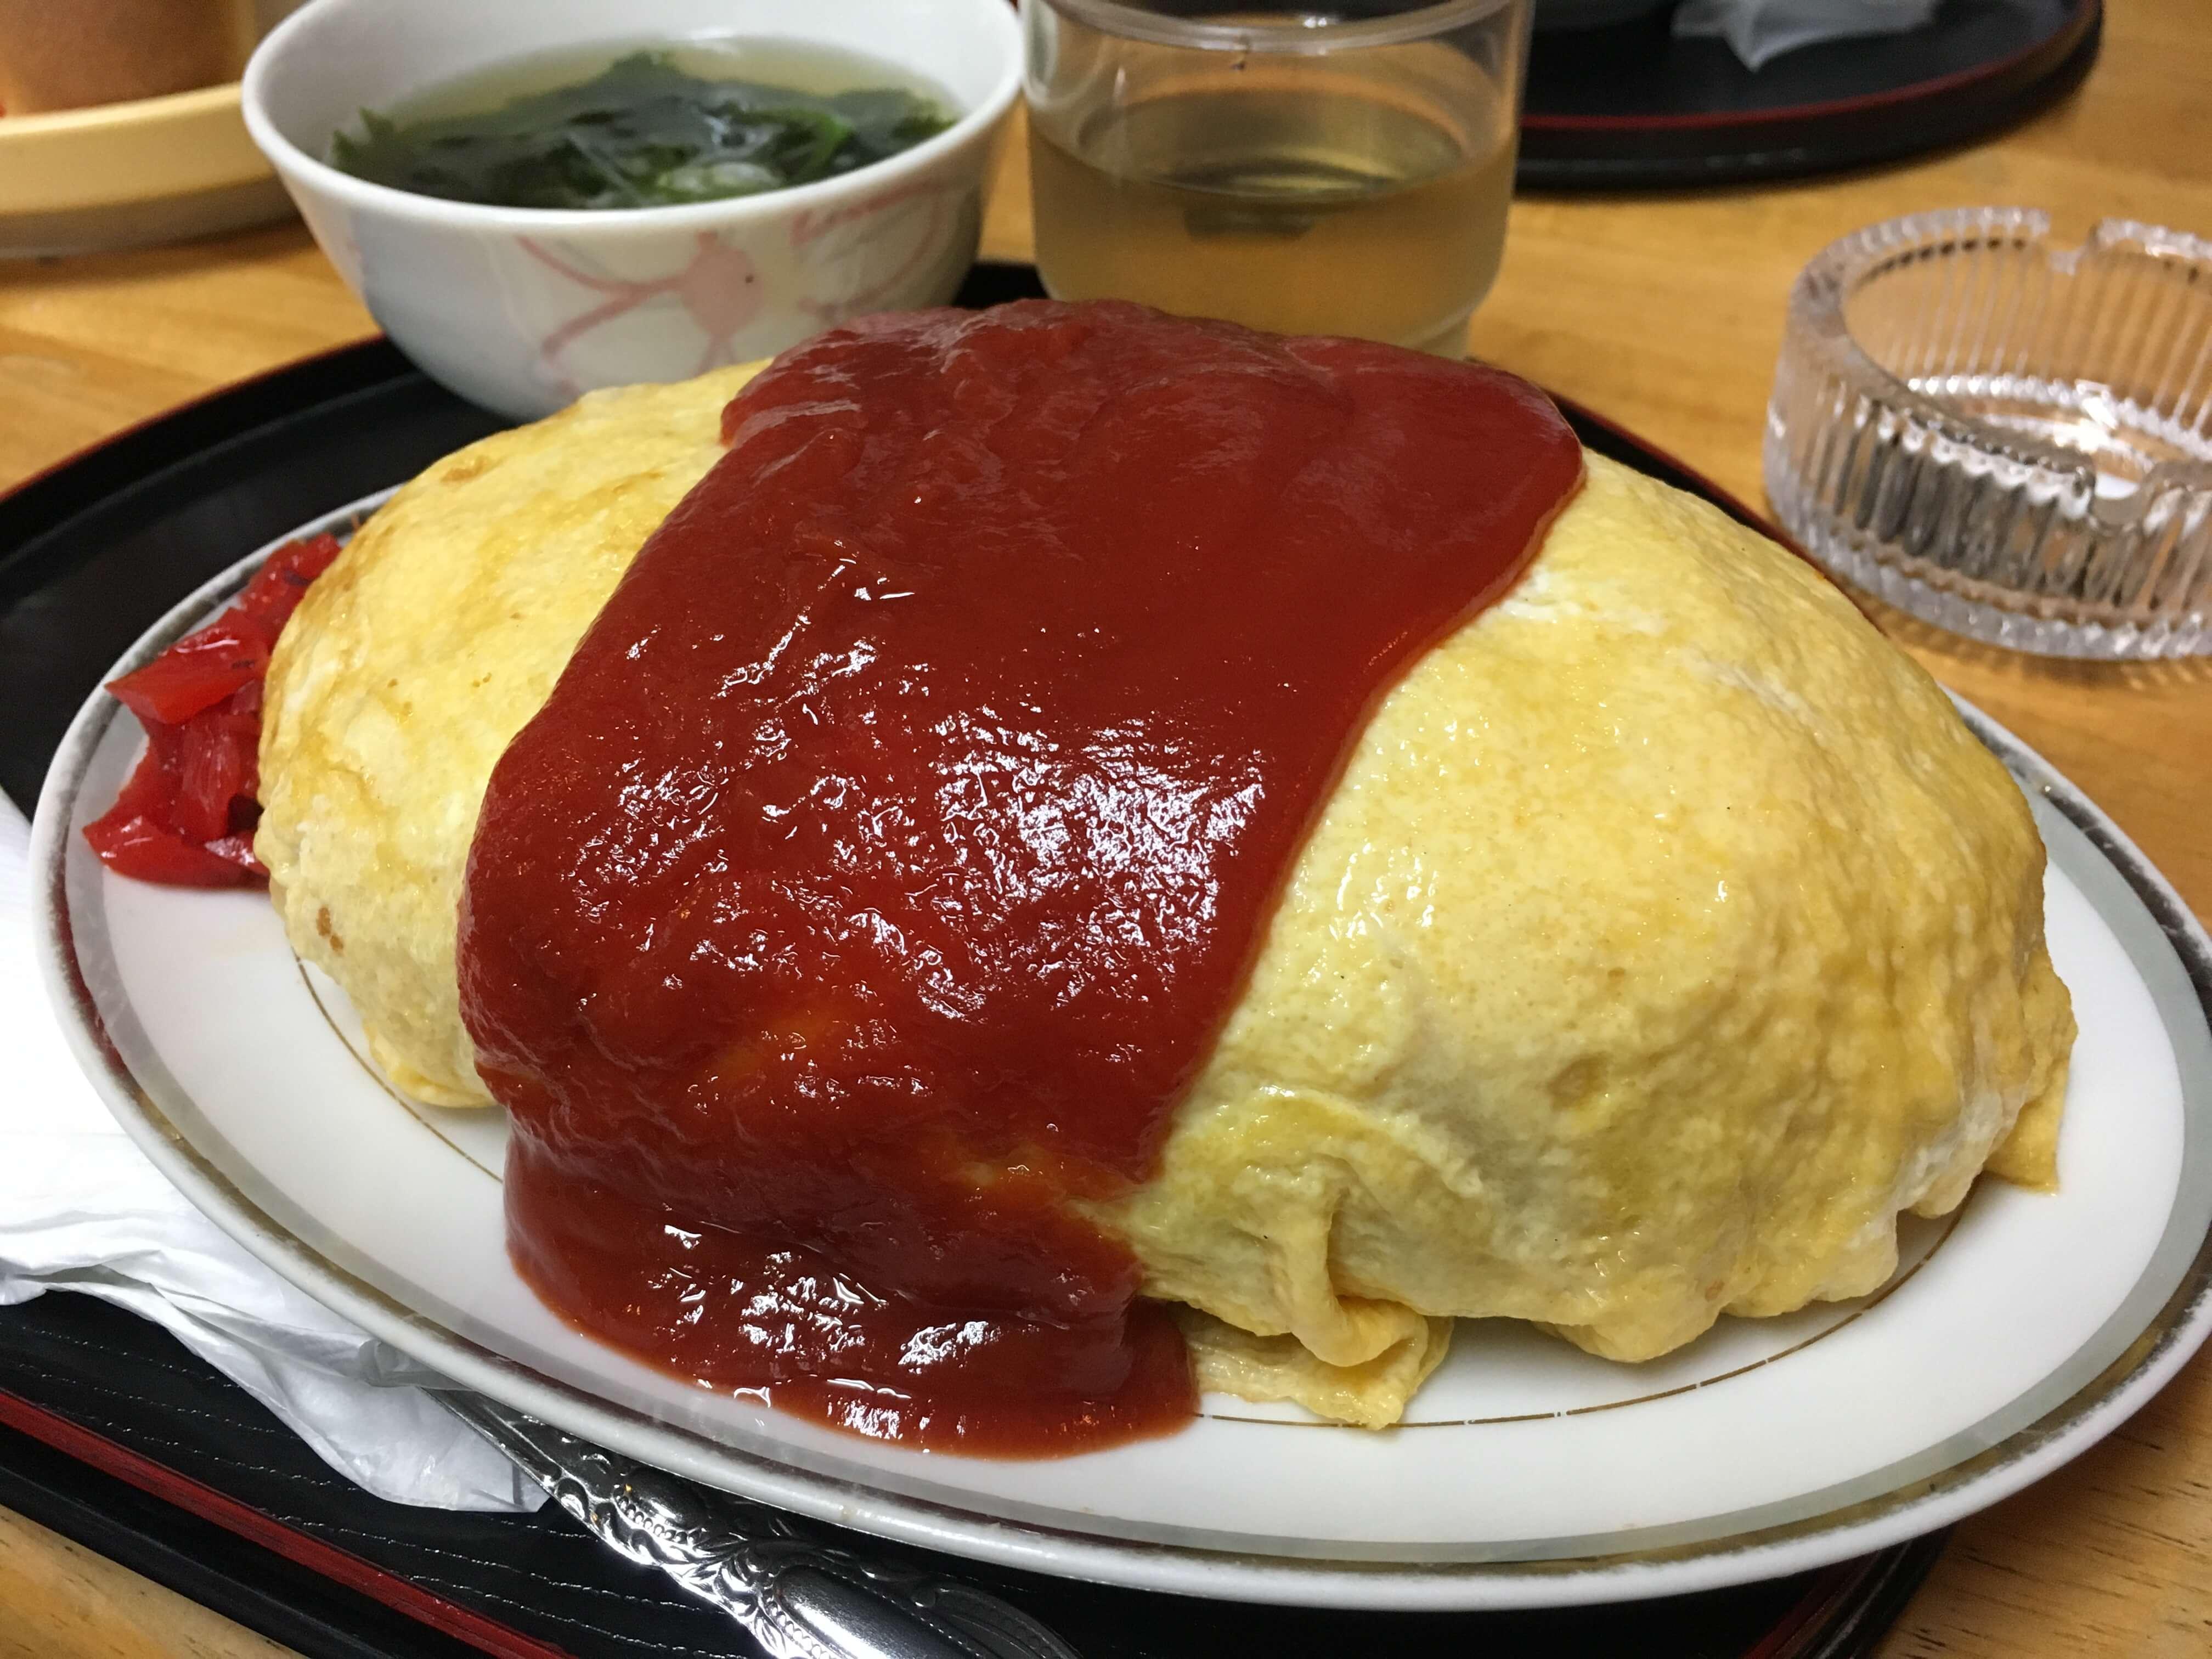 石川県を代表する『デカ盛り』のお店で、腹パンランチを食べてきた !!